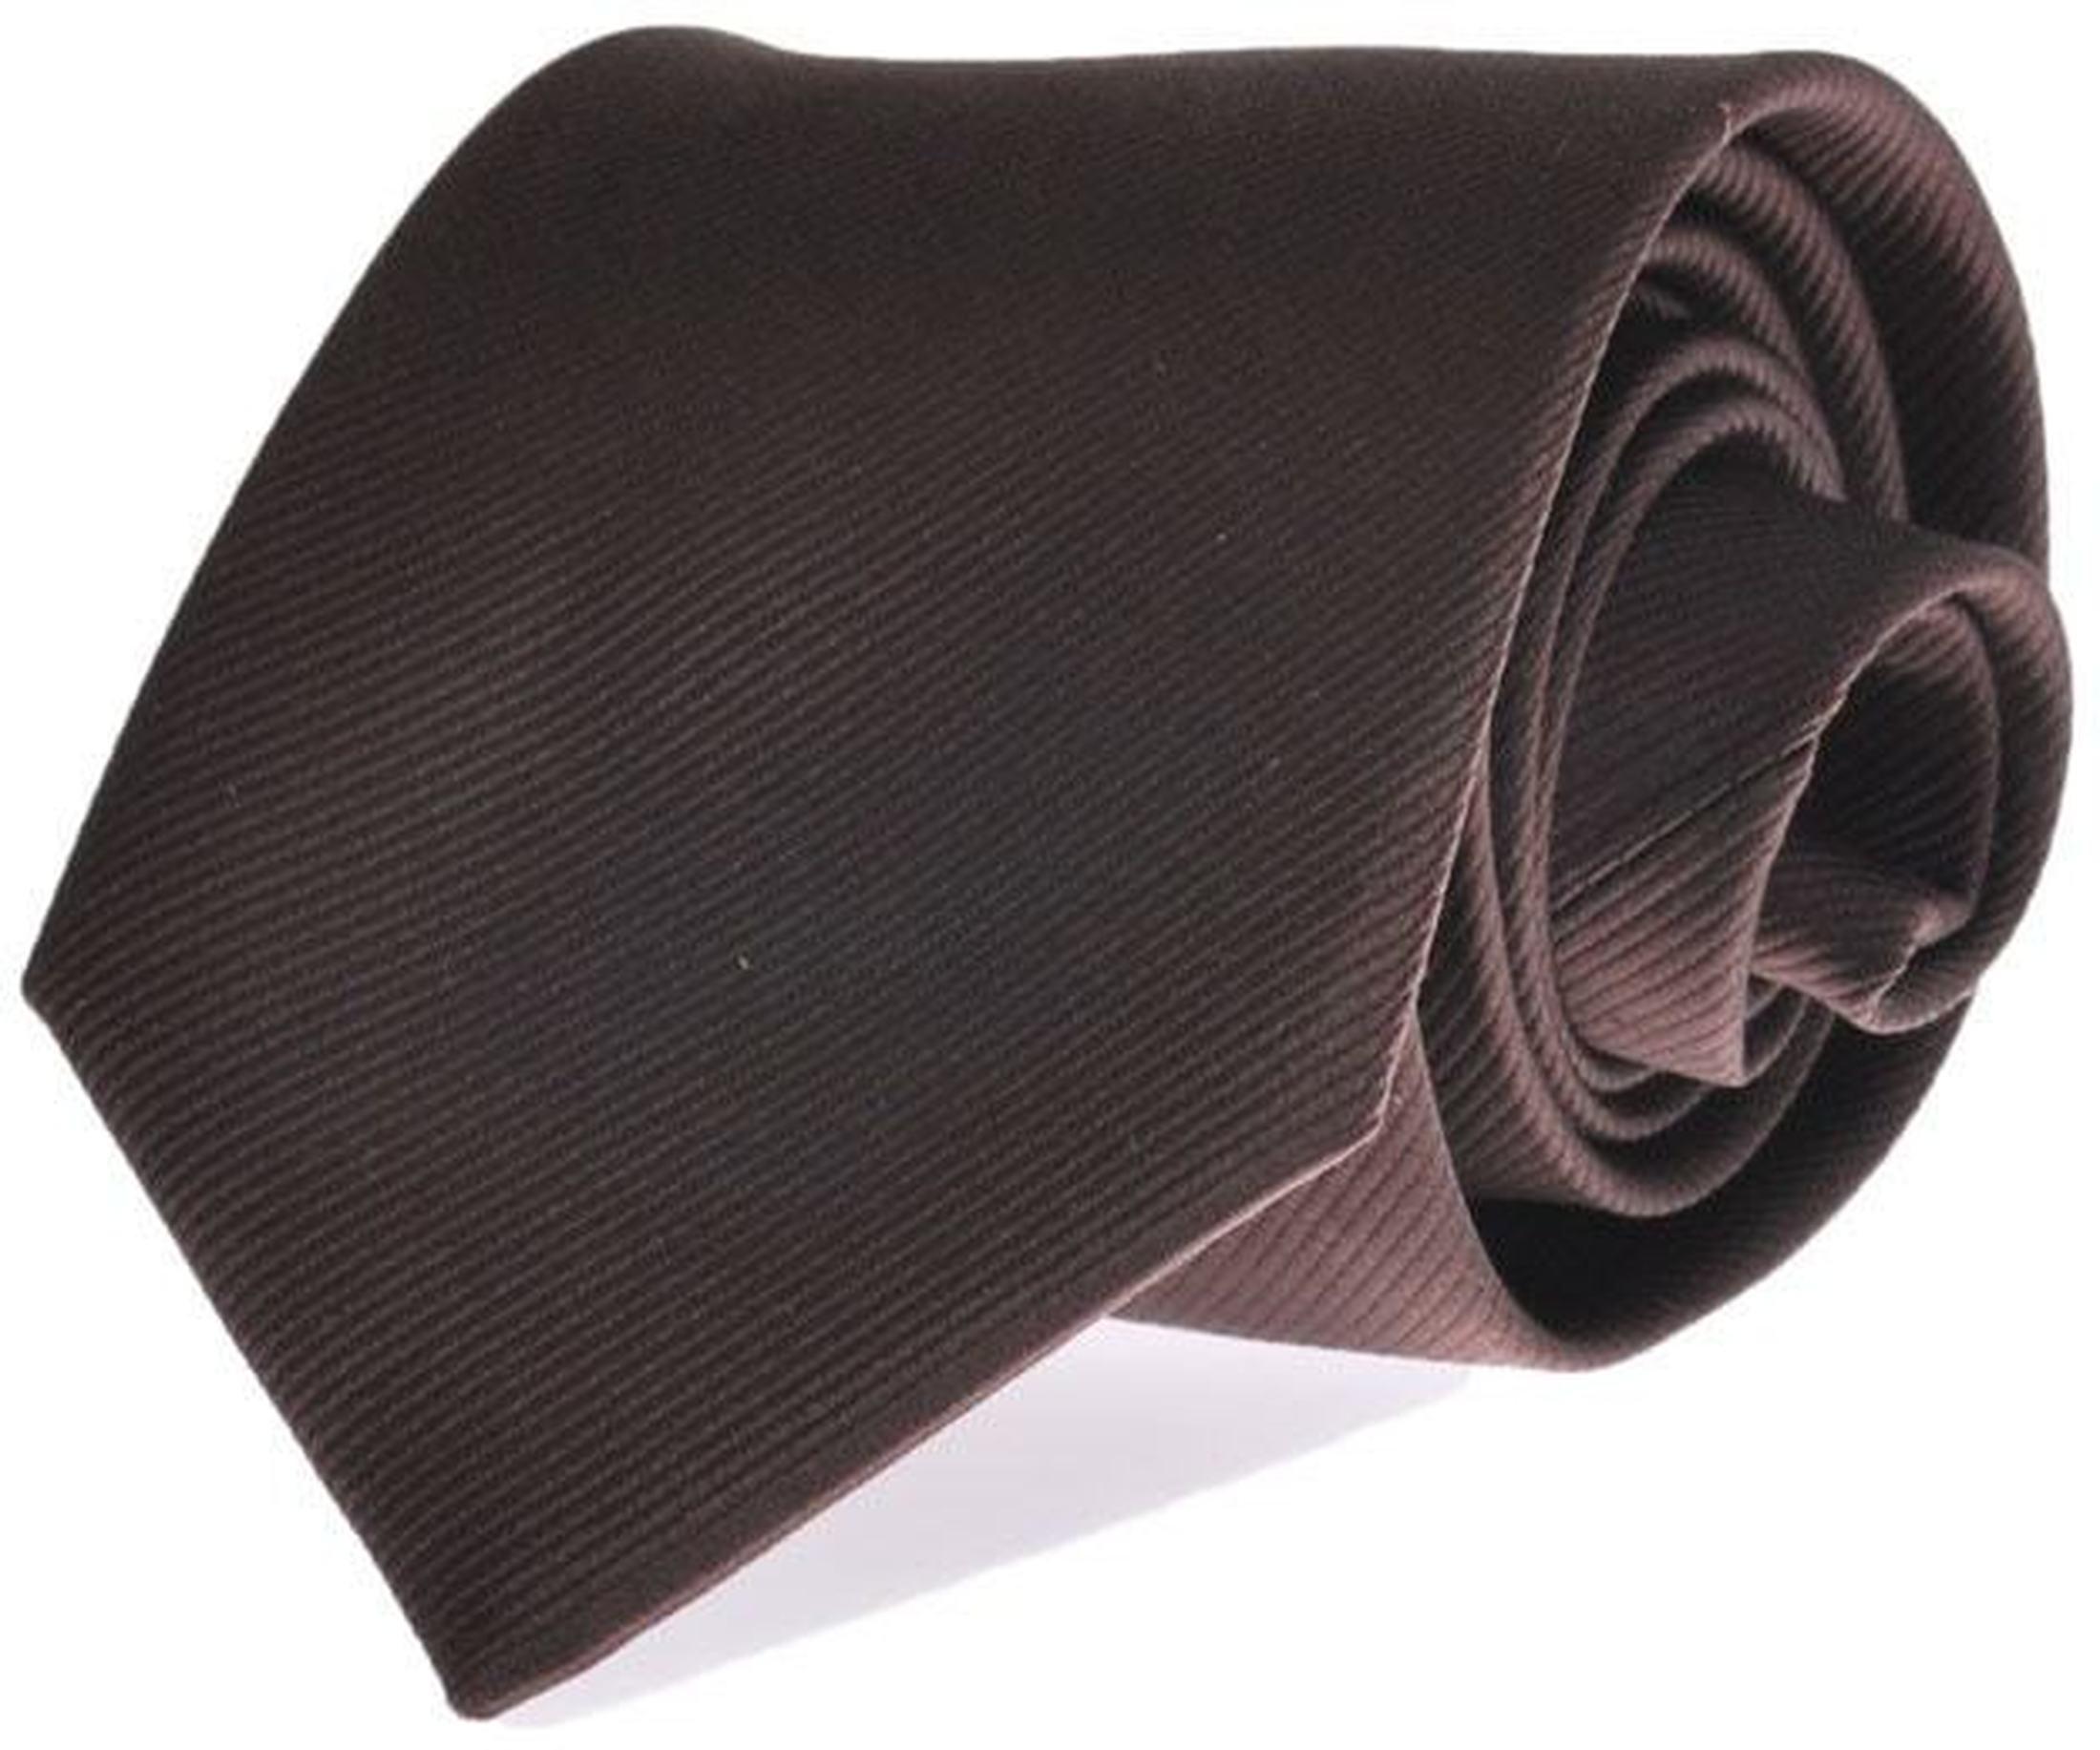 Krawatte Seide Braun Uni F45 foto 0